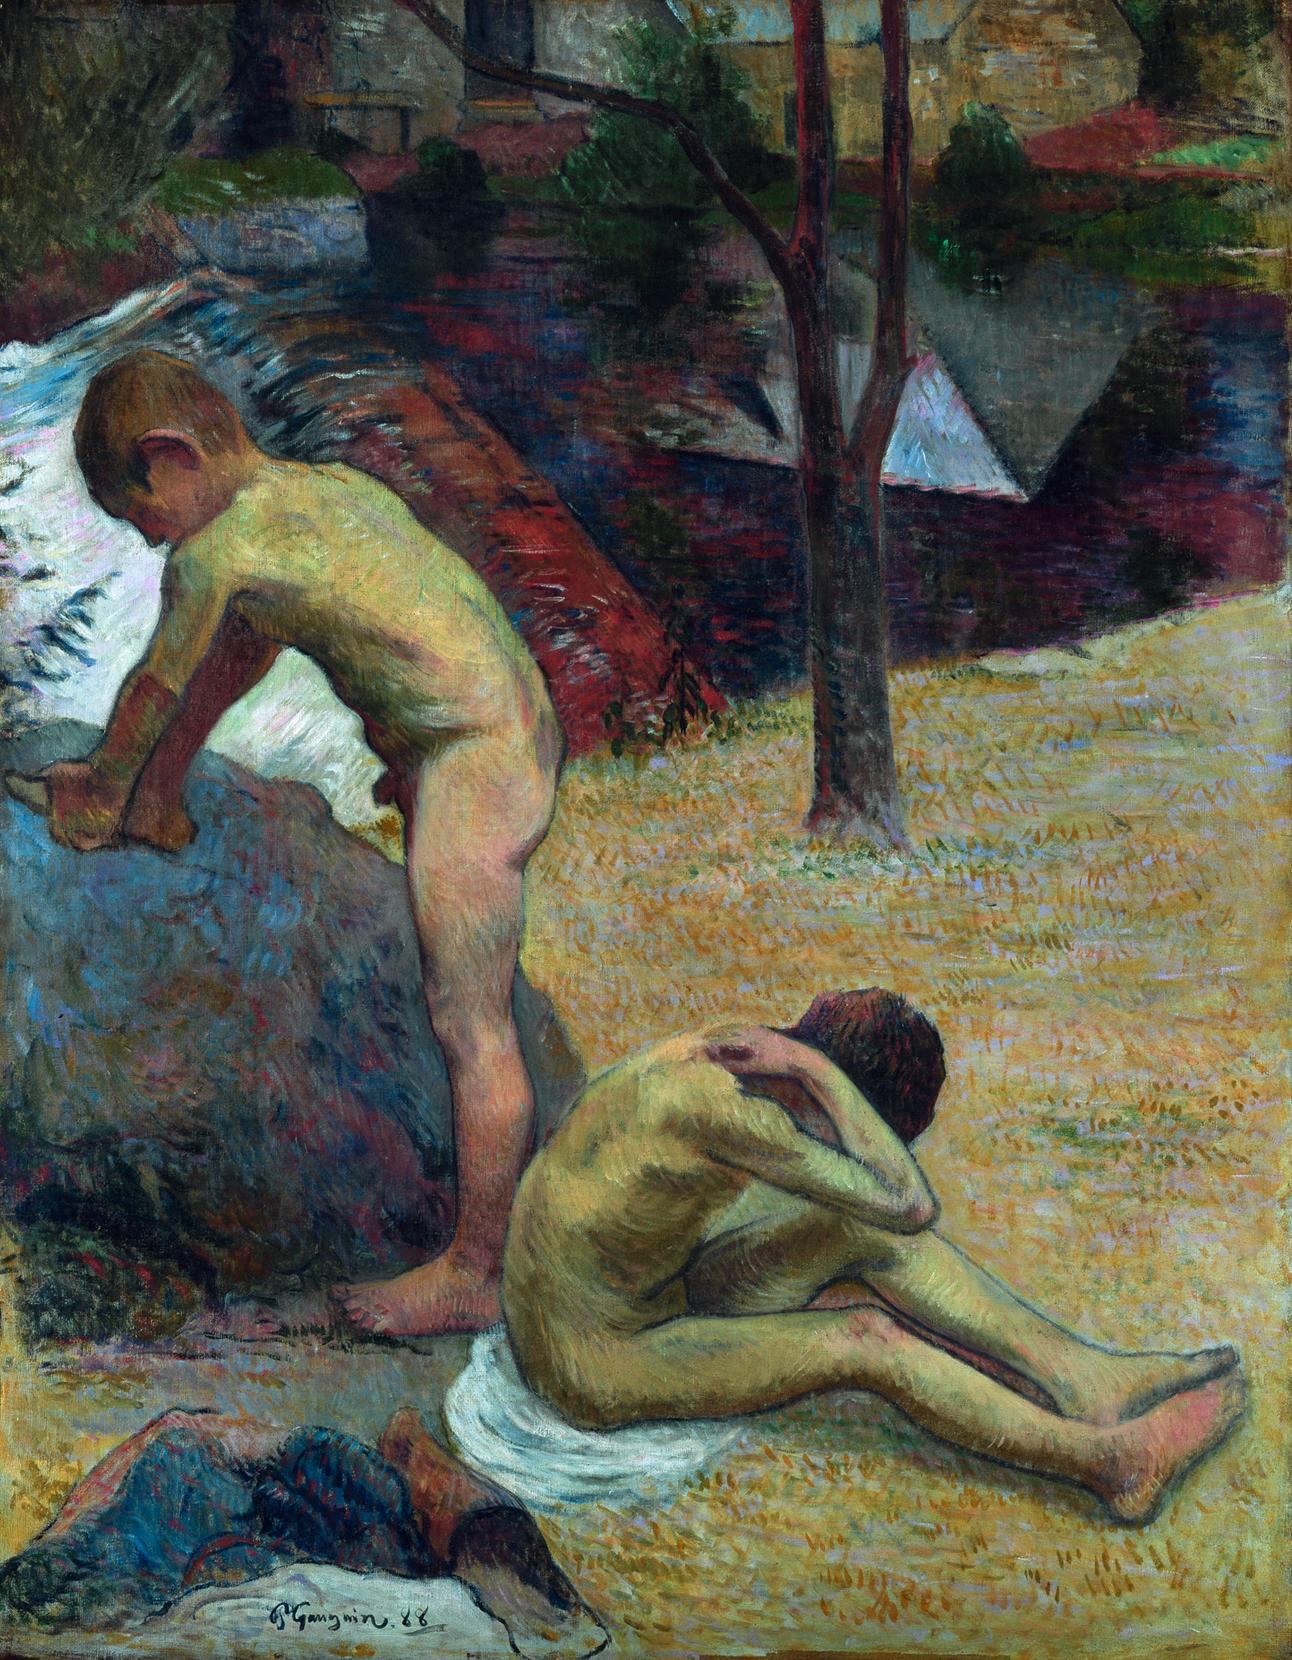 Paul Gauguin (1848 - 1903), Badende bretonische Knaben,1888, 92 x 72 cm Öl auf Leinwand Dauerleihgabe der Stiftung Hamburger Kunstsammlungen © SHK/Hamburger Kunsthalle/bpk, Foto: Elke Walford